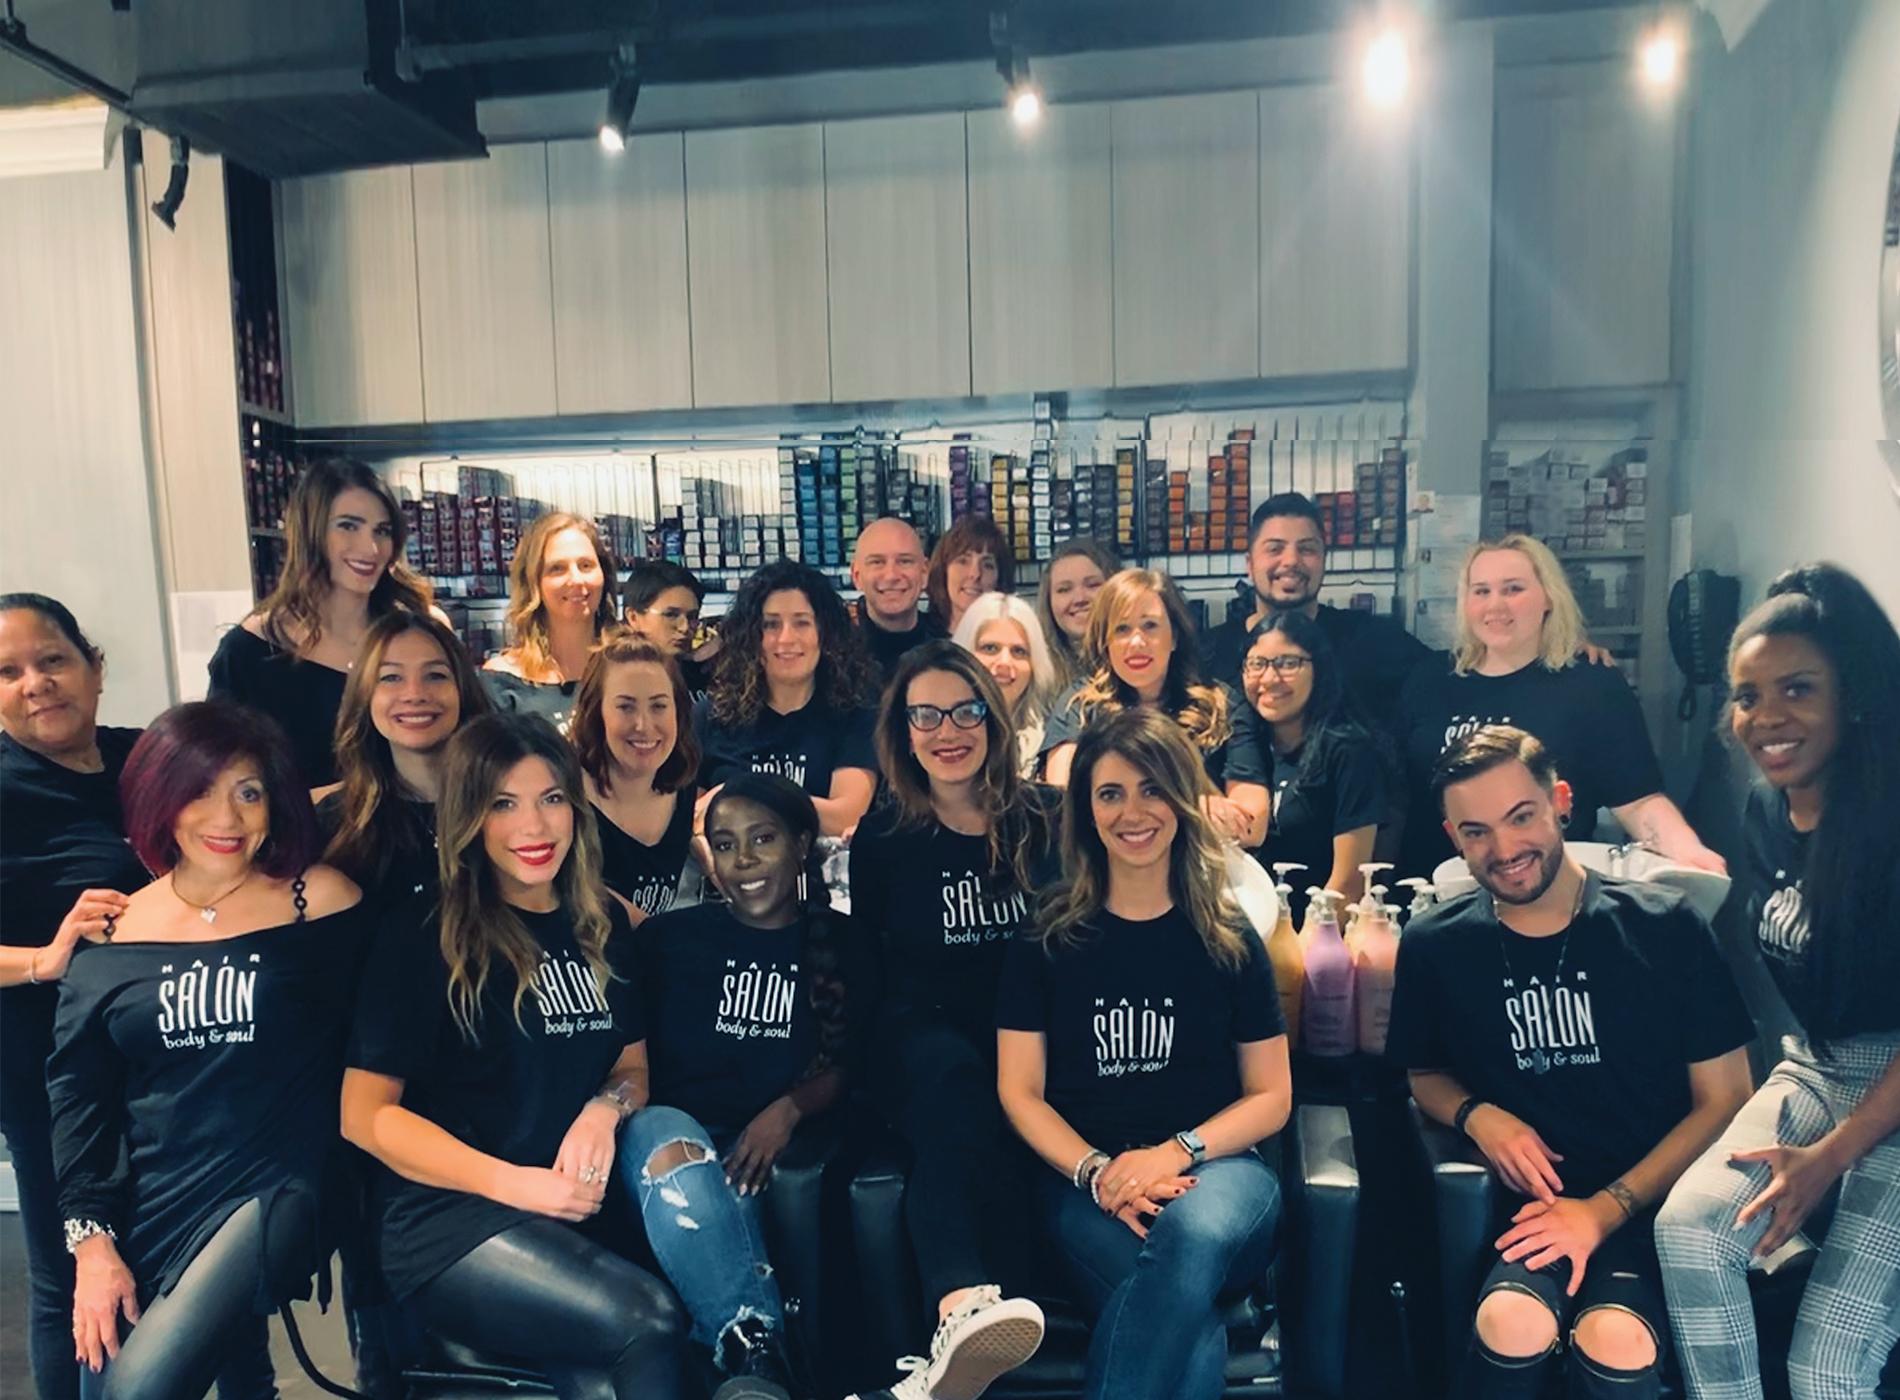 Hair Salon Body and Soul Team, New Providence, NJ